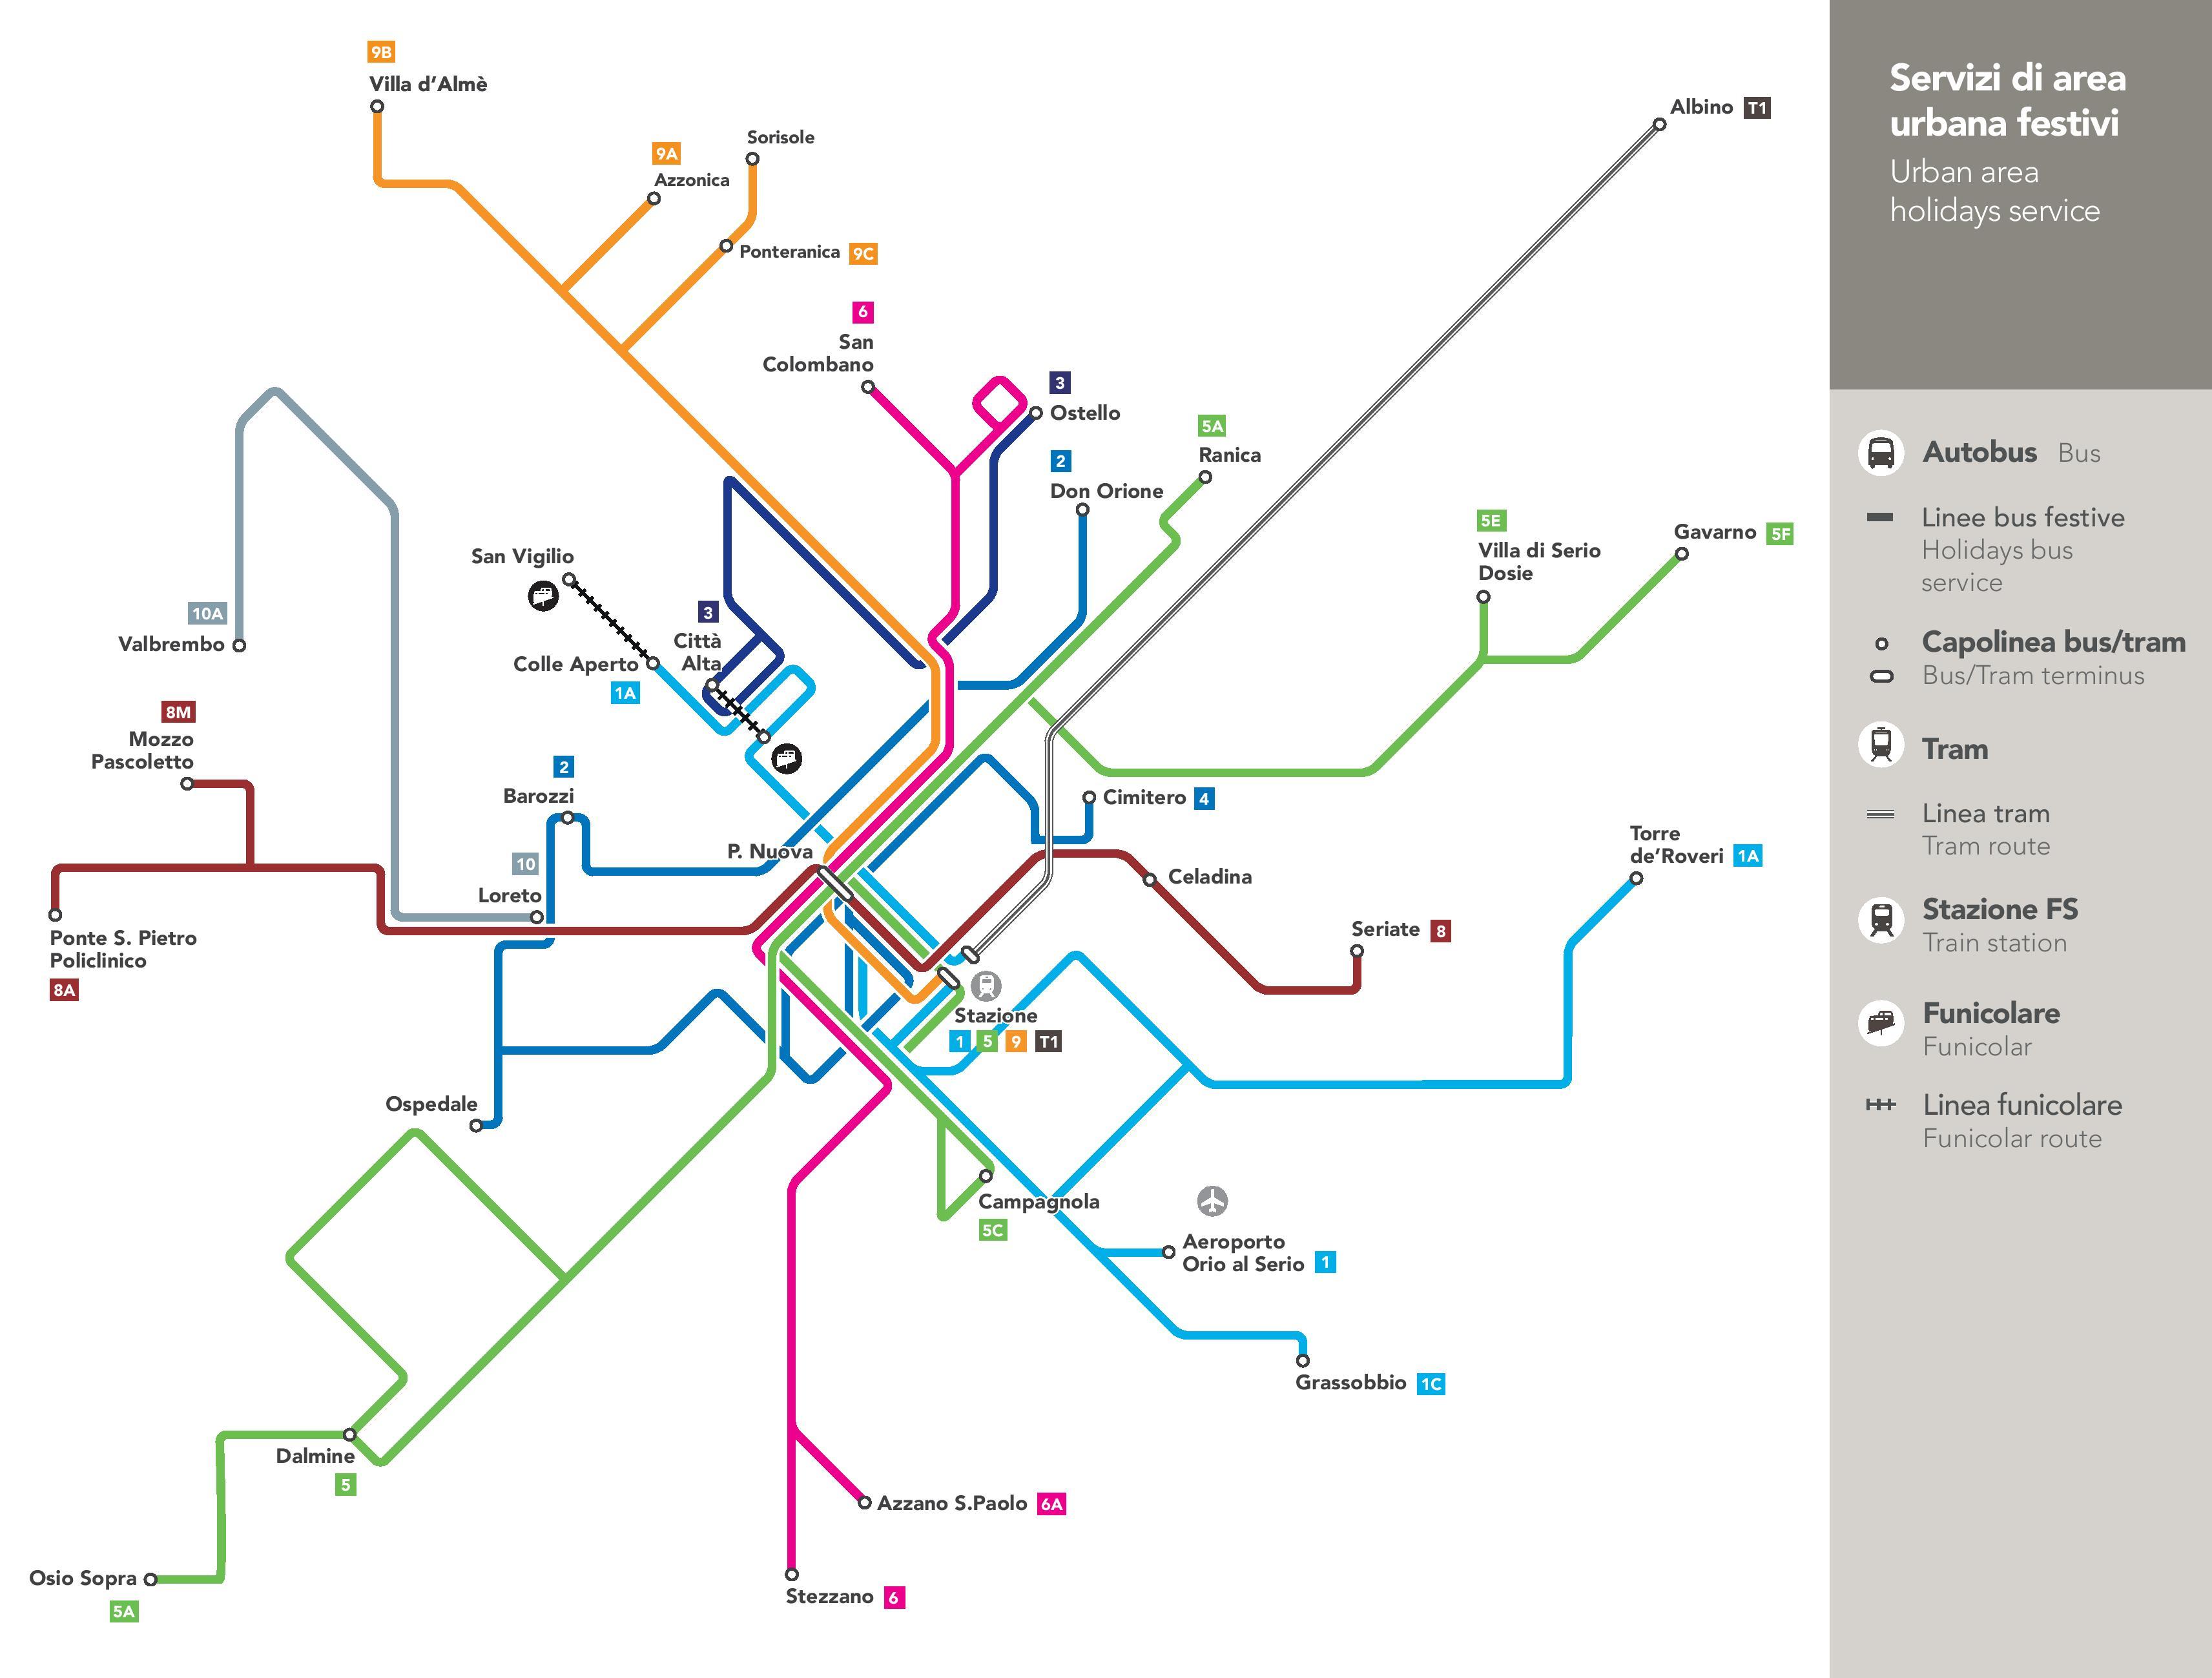 mapa komunikacji miejskiej w bergamo